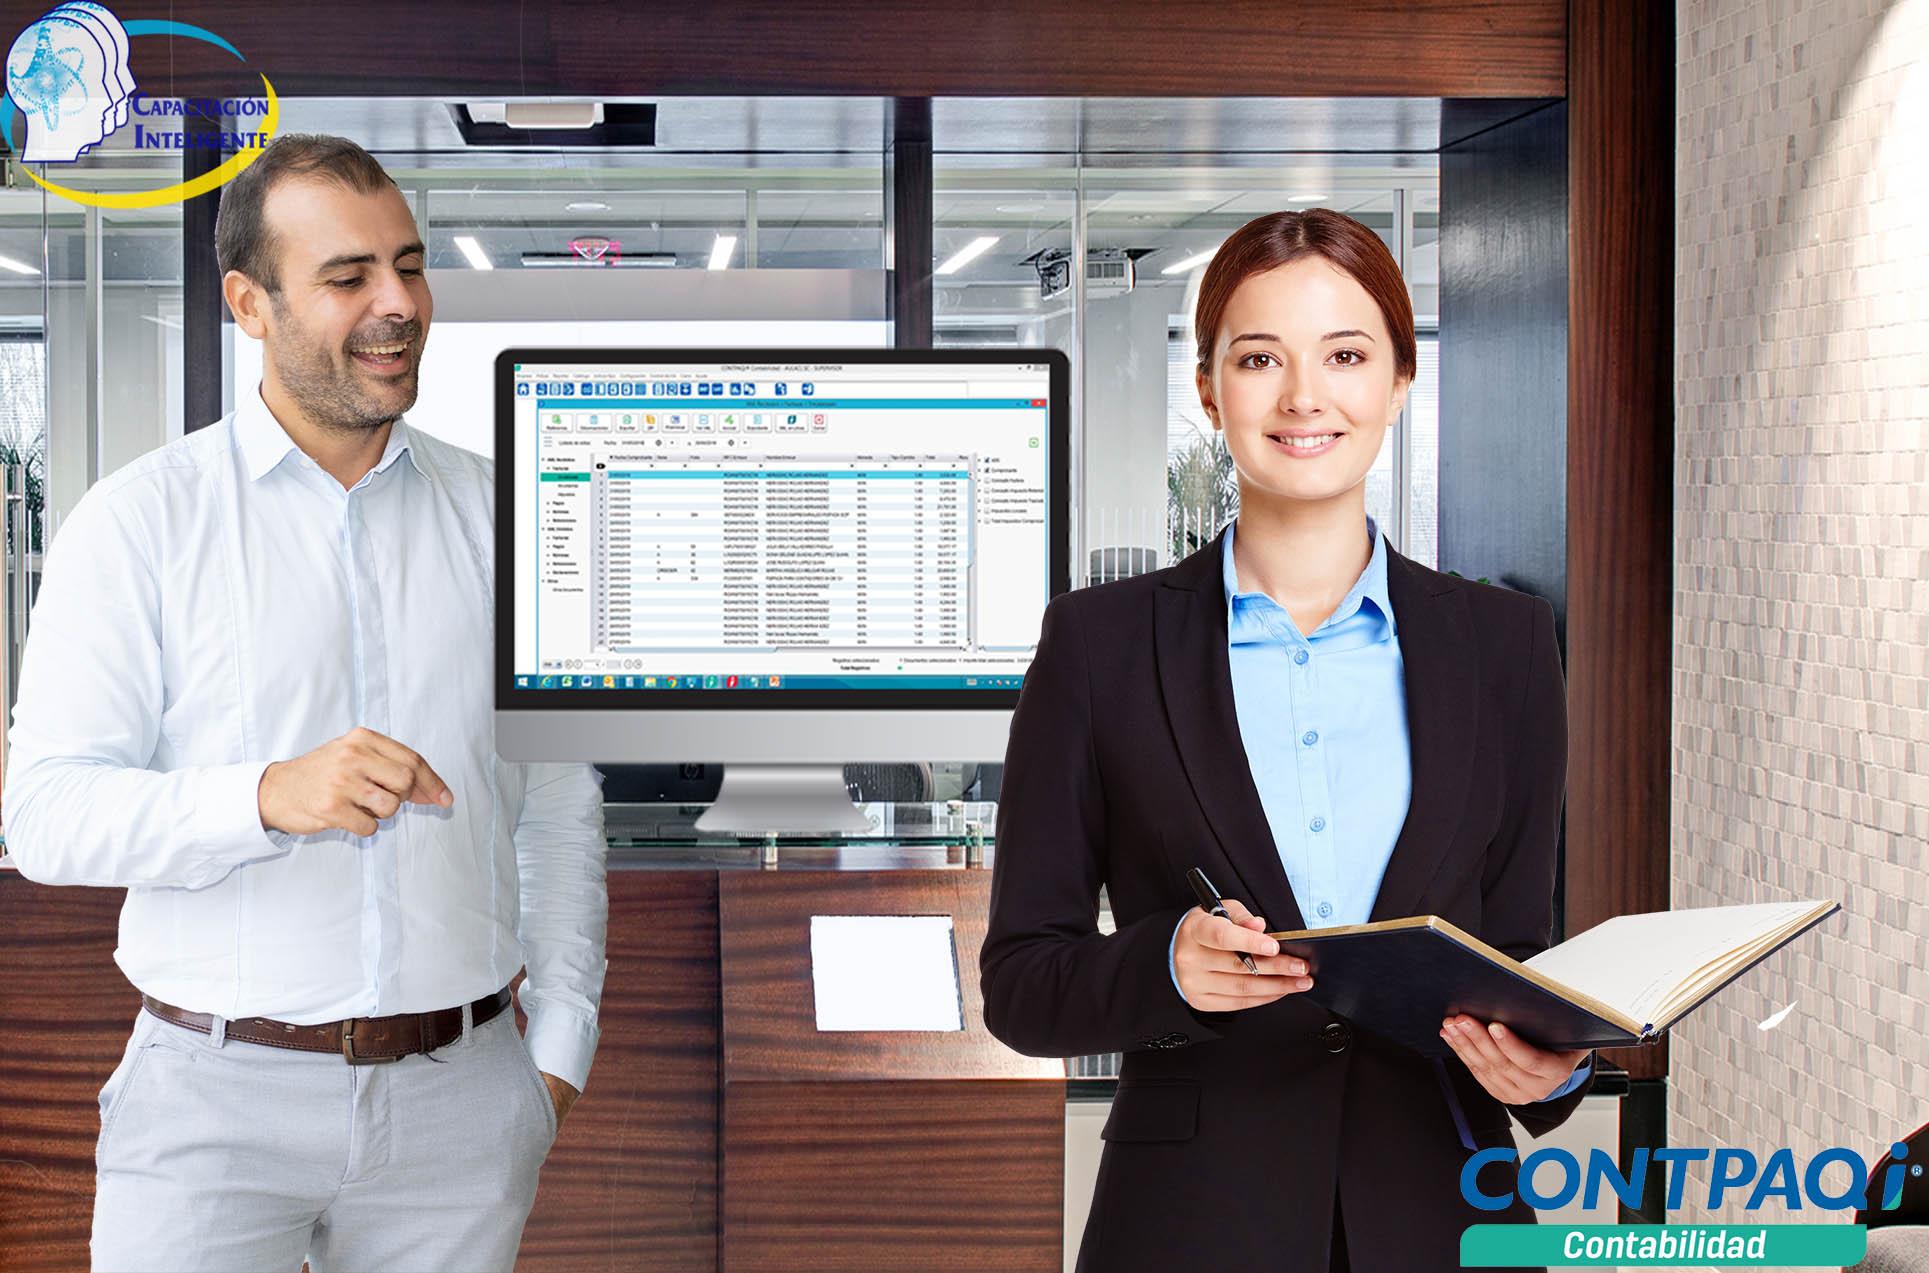 16. Hoja Electrónica combinada con ADD en Contpaqi Contabilidad @ Online